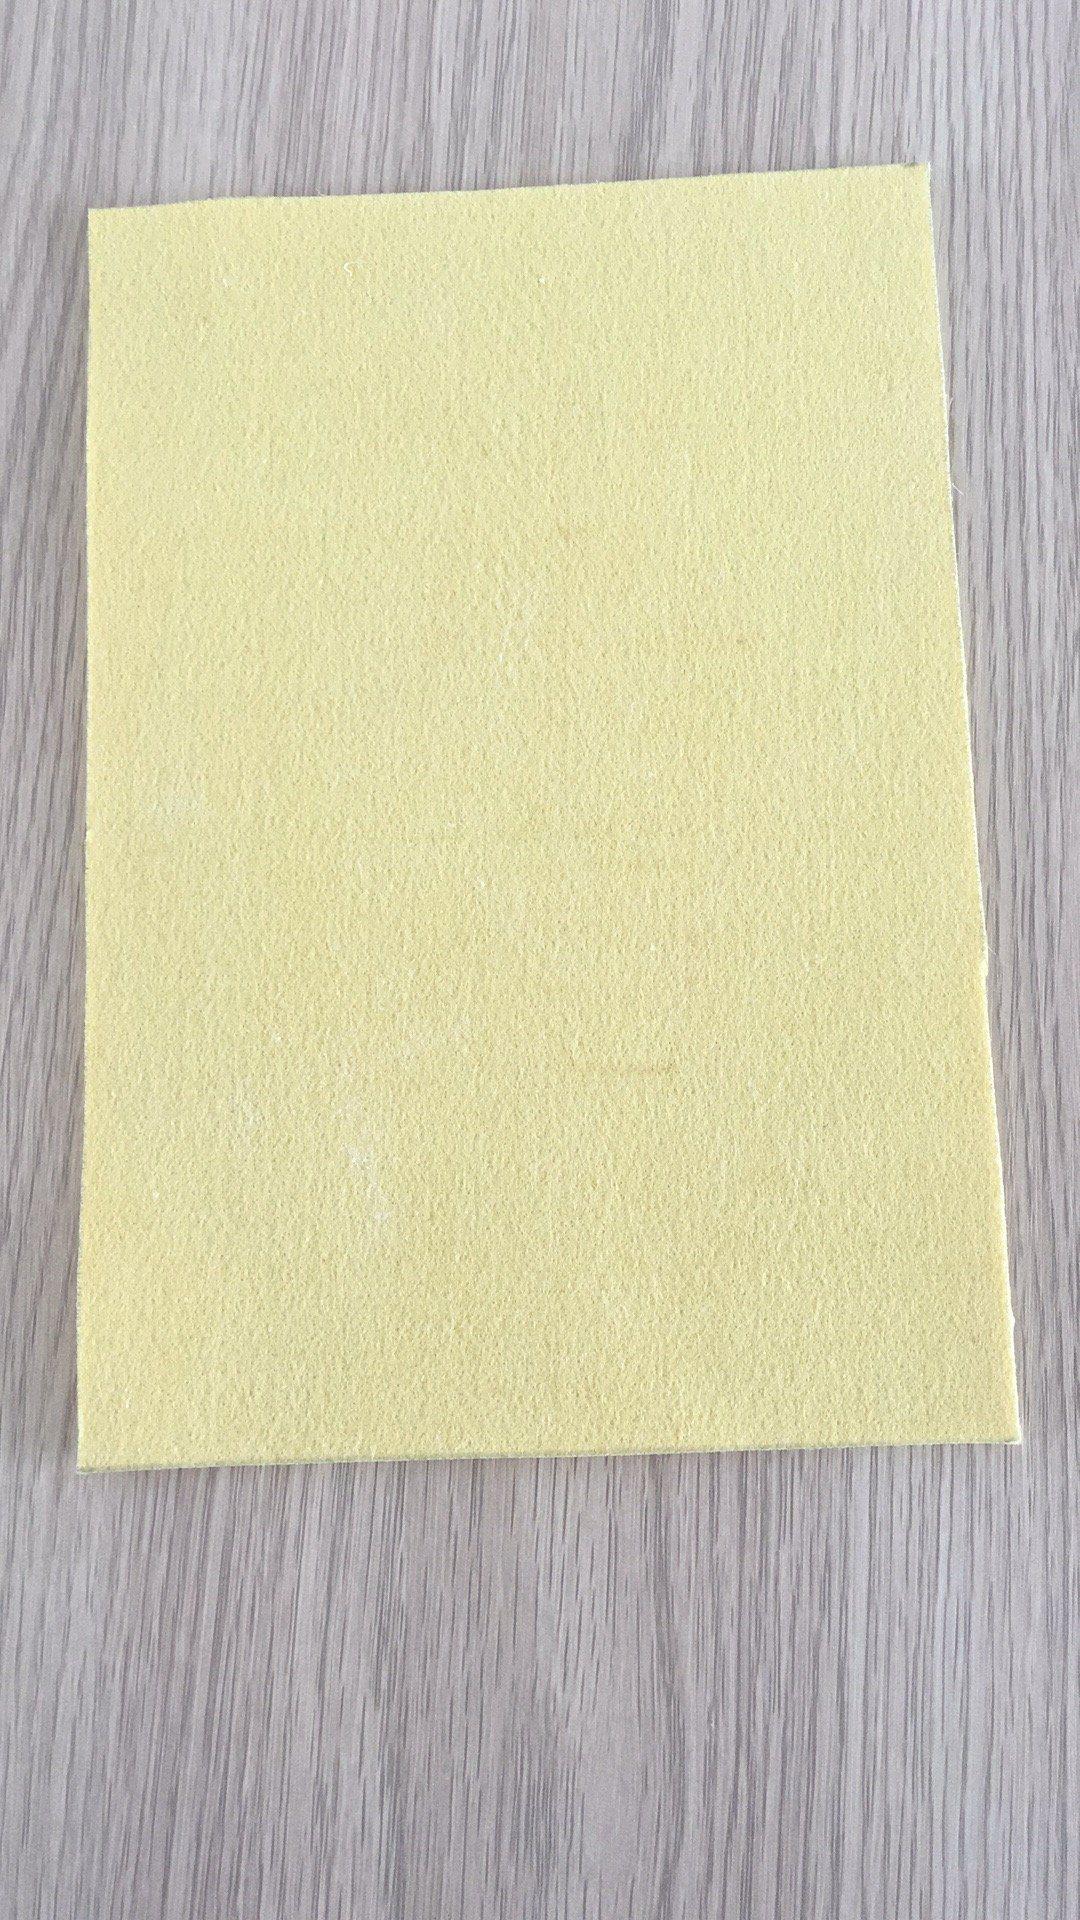 Manufactory non tessuto del feltro dell'ago P84 per il filtro a sacco del collettore di polveri